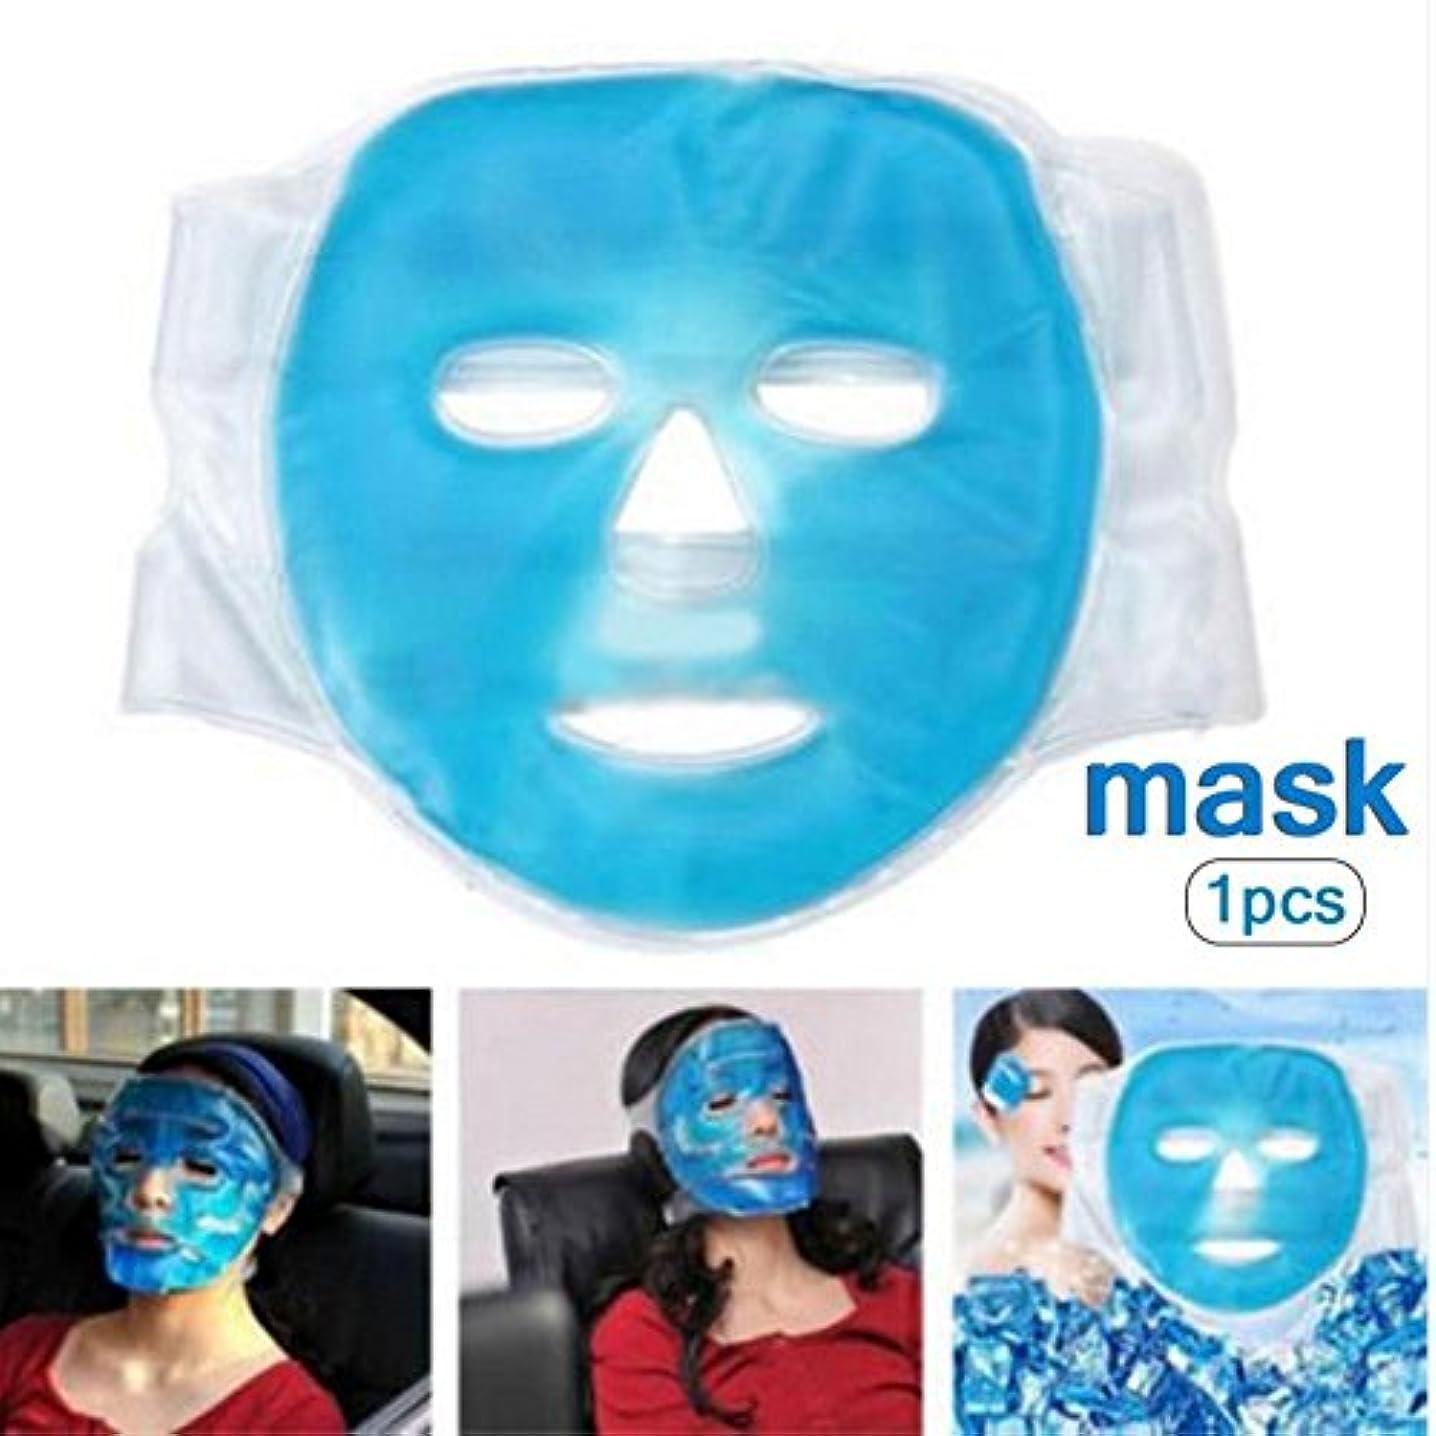 ページェントインペリアルビットフェイスマスク 冷却マスク 美容マスク 冷温兼用 美容用 再利用可能 理学療法 毛細血管収縮 毛穴収縮 睡眠冷却 疲労緩和 肌ケア 保湿 吸収しやすい コールドパックホットパック 美容マッサージ アイスマスク (ブルー)